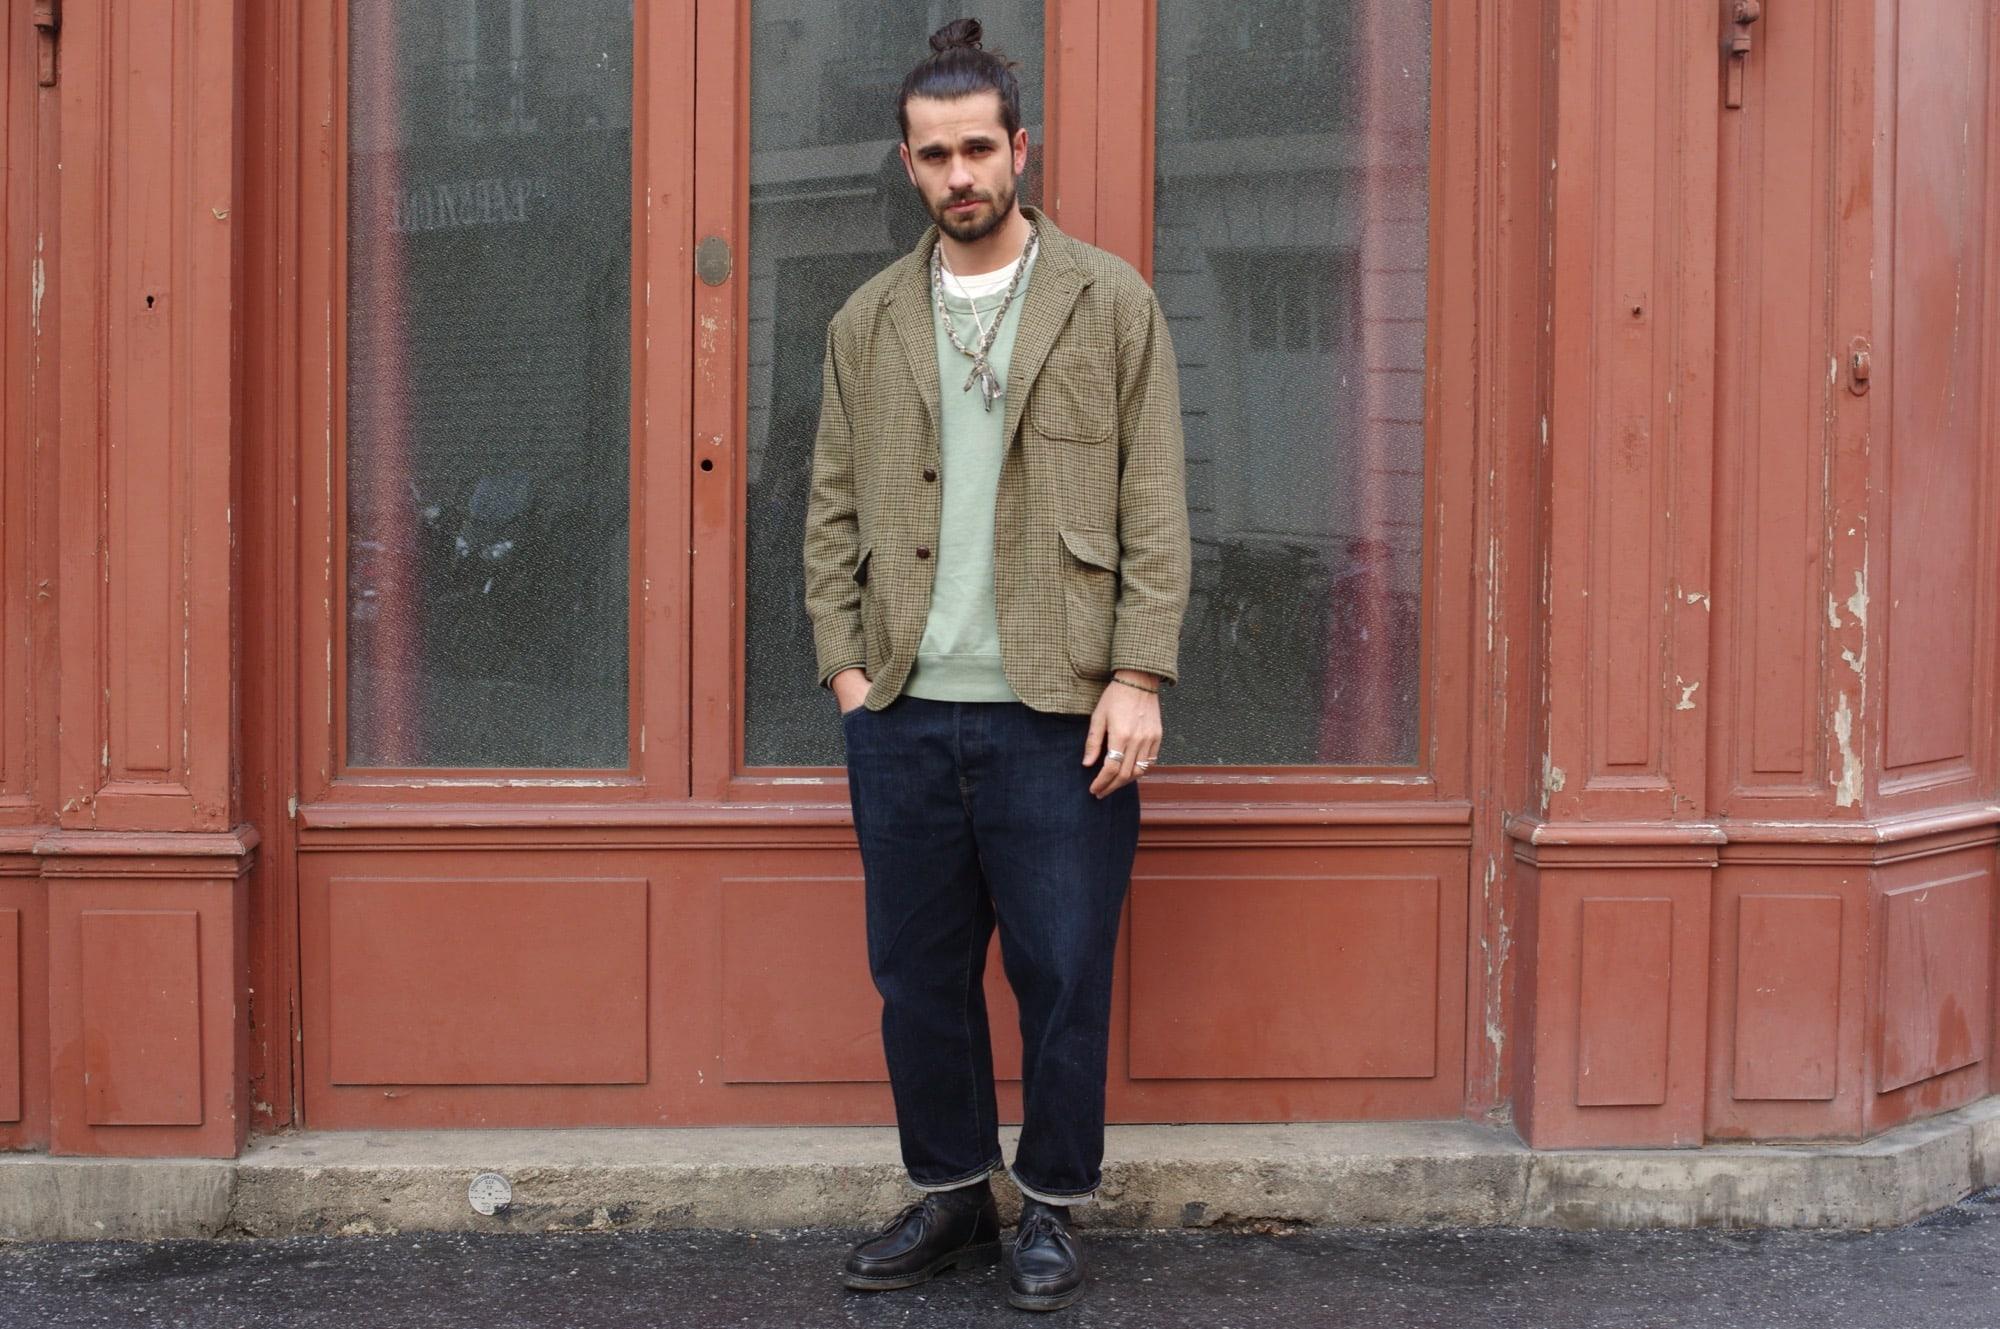 idée de look homme avec une tenue avec une veste à motif pied de poule dans une tenue street heritage vintage décontractée